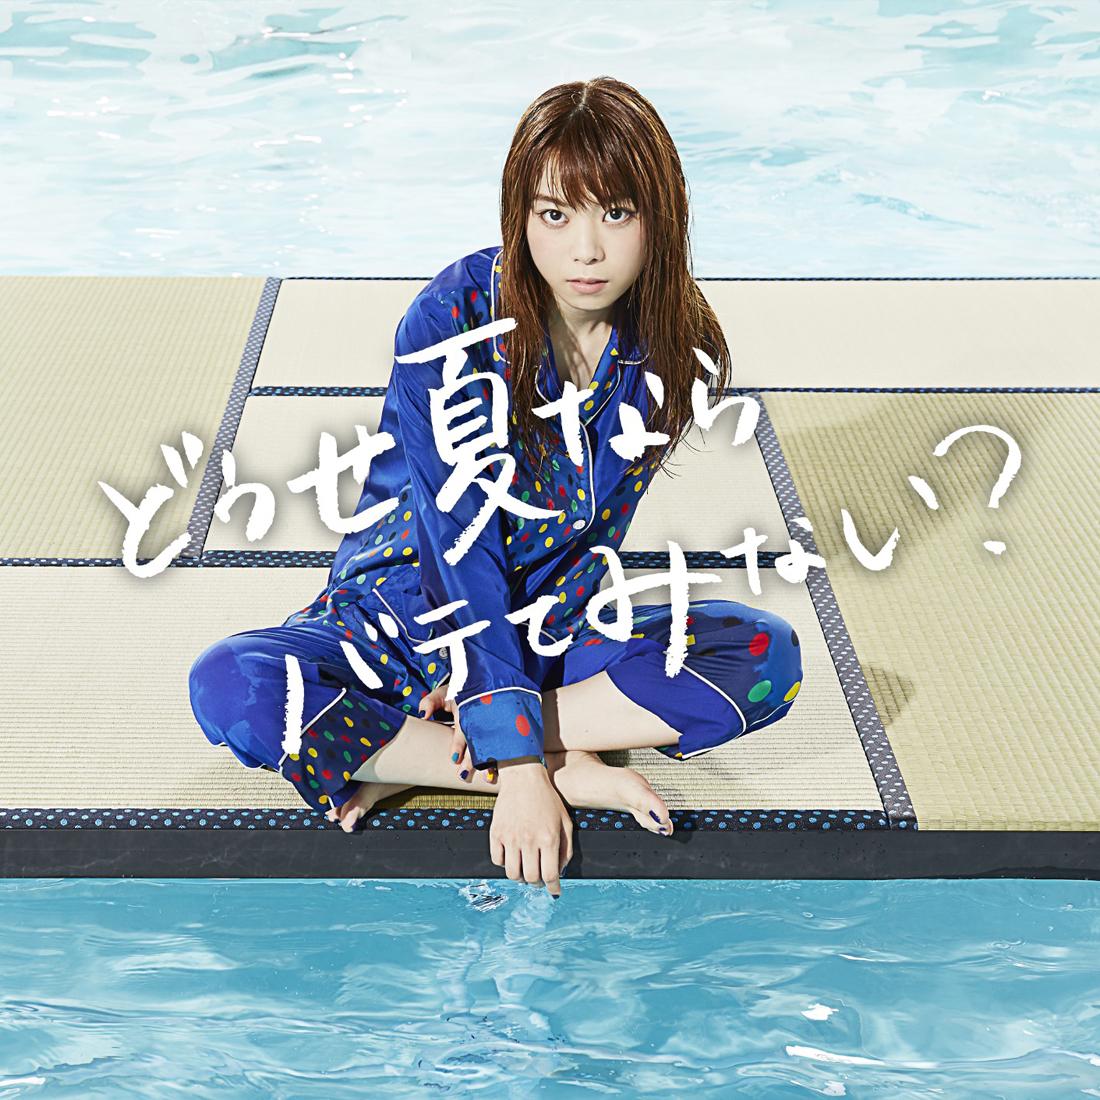 20180820.2139.1 Mashinomi - Douse Natsu Nara Batete Minai (FLAC) cover.jpg